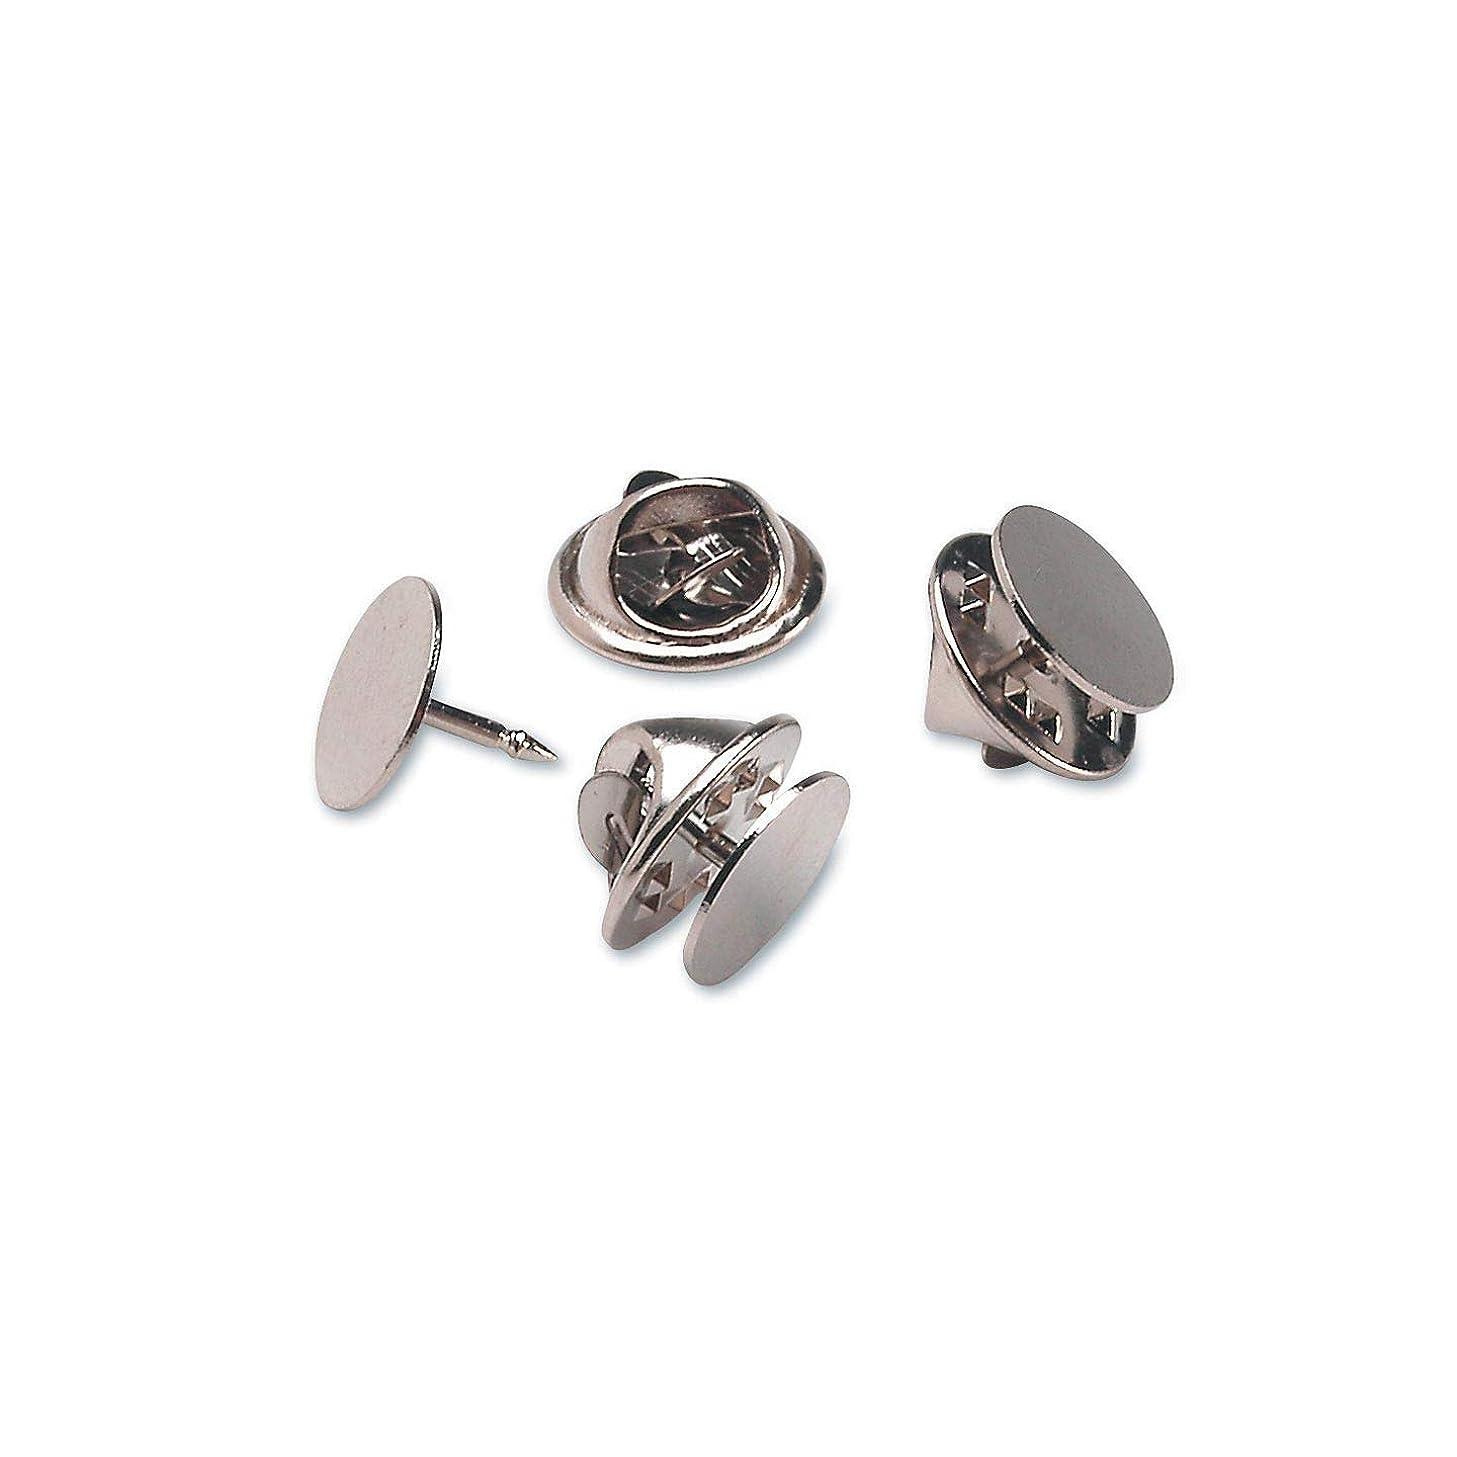 Bulk Buy: Darice DIY Crafts Tie Tacks with Clutch Nickel Plated Steel 10mm (3-Pack) 1880-76